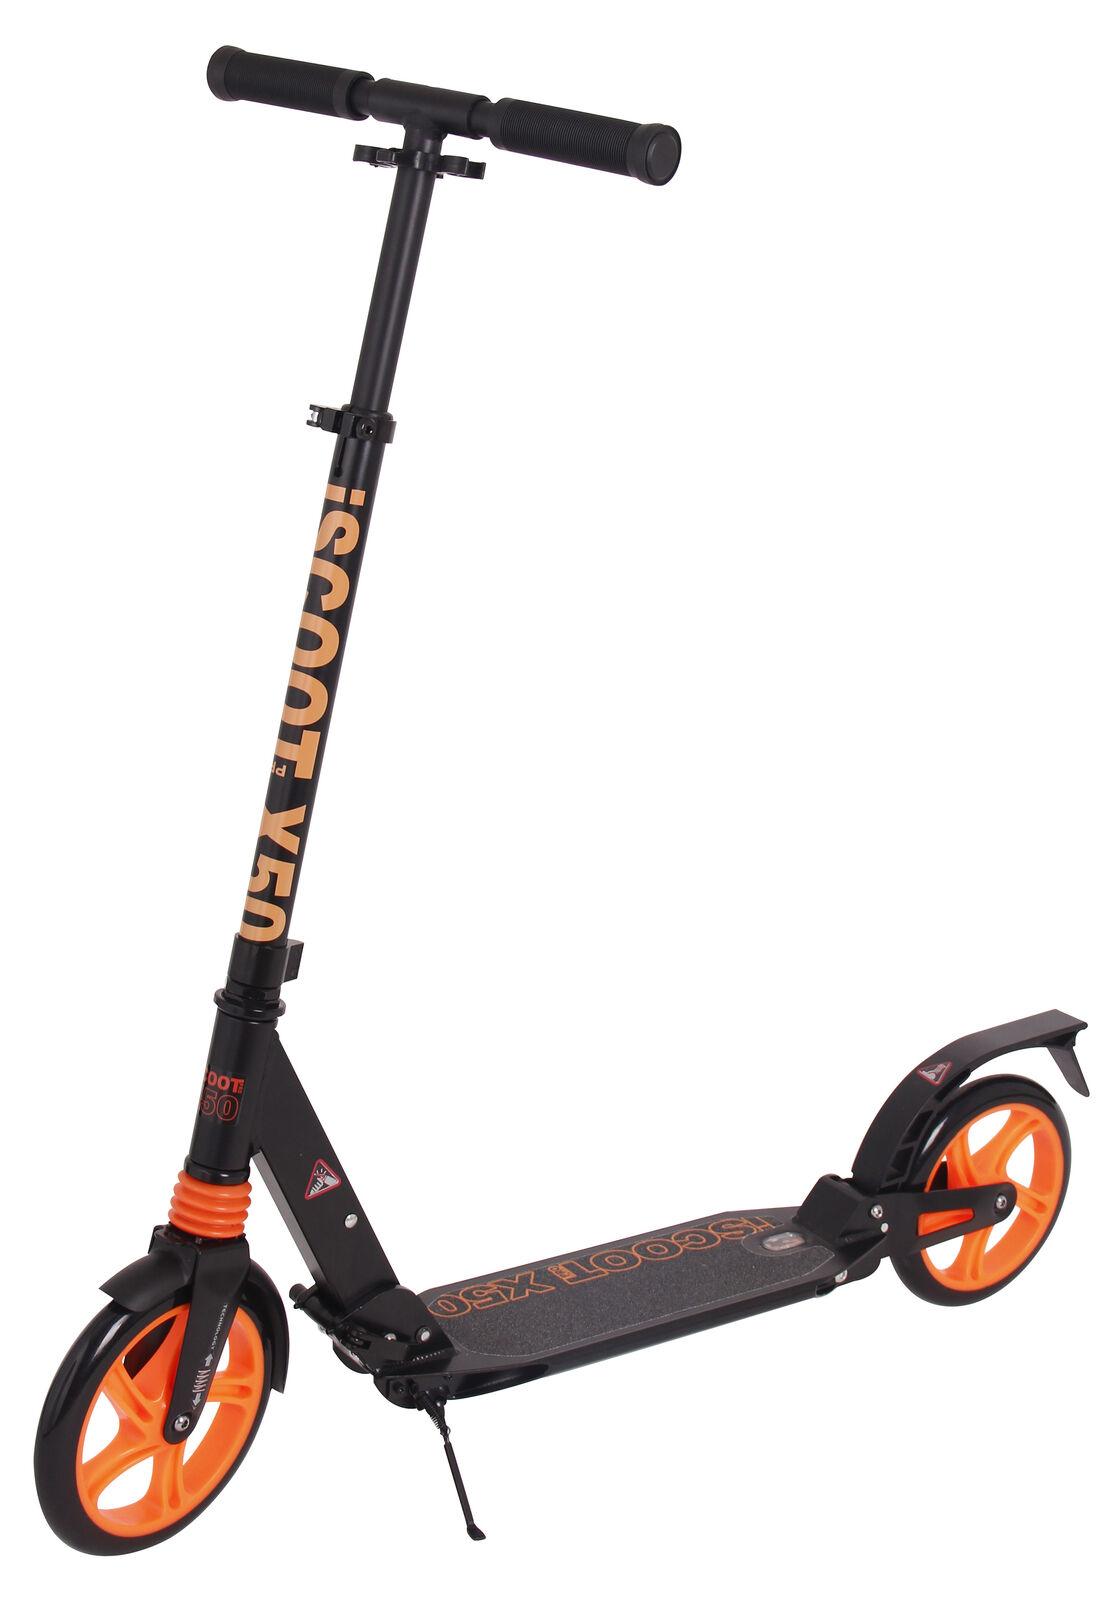 Iscoot X50 Adulto ciudad suspensión Empuje Patada Scooter Plegable grandes n 200mm-Negro